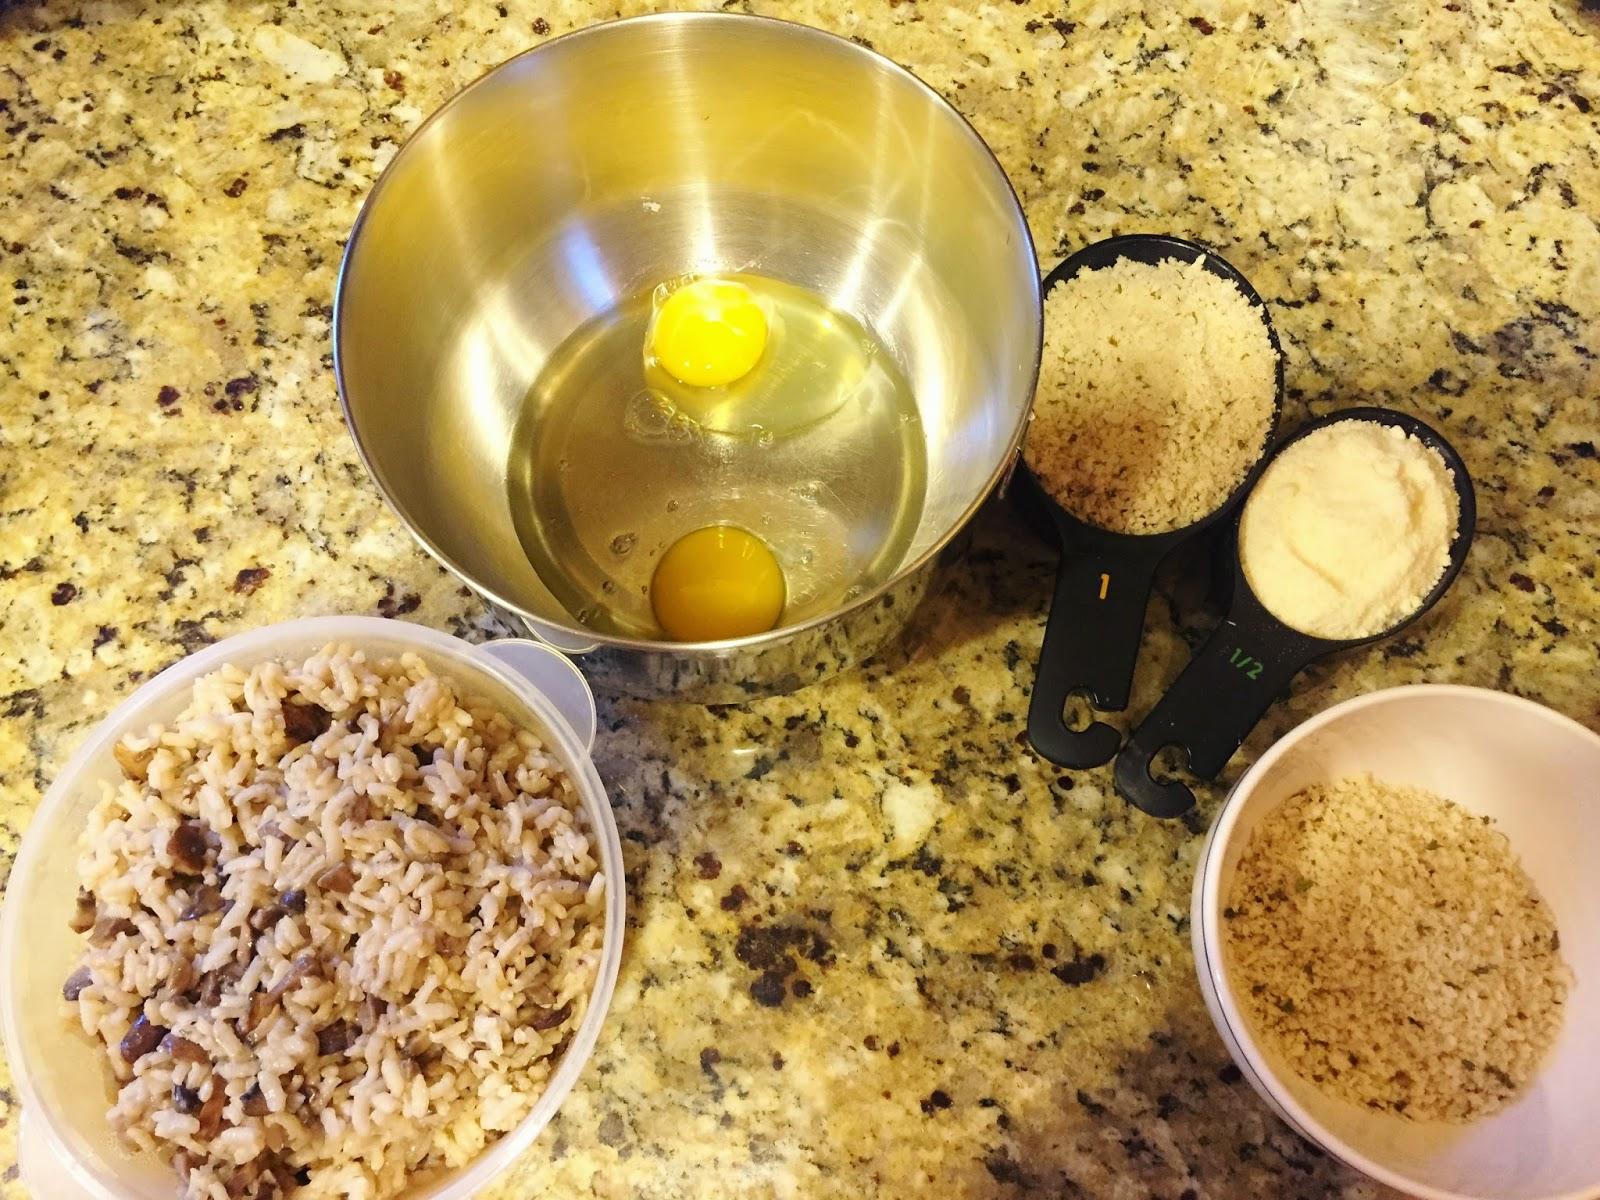 Making arancini